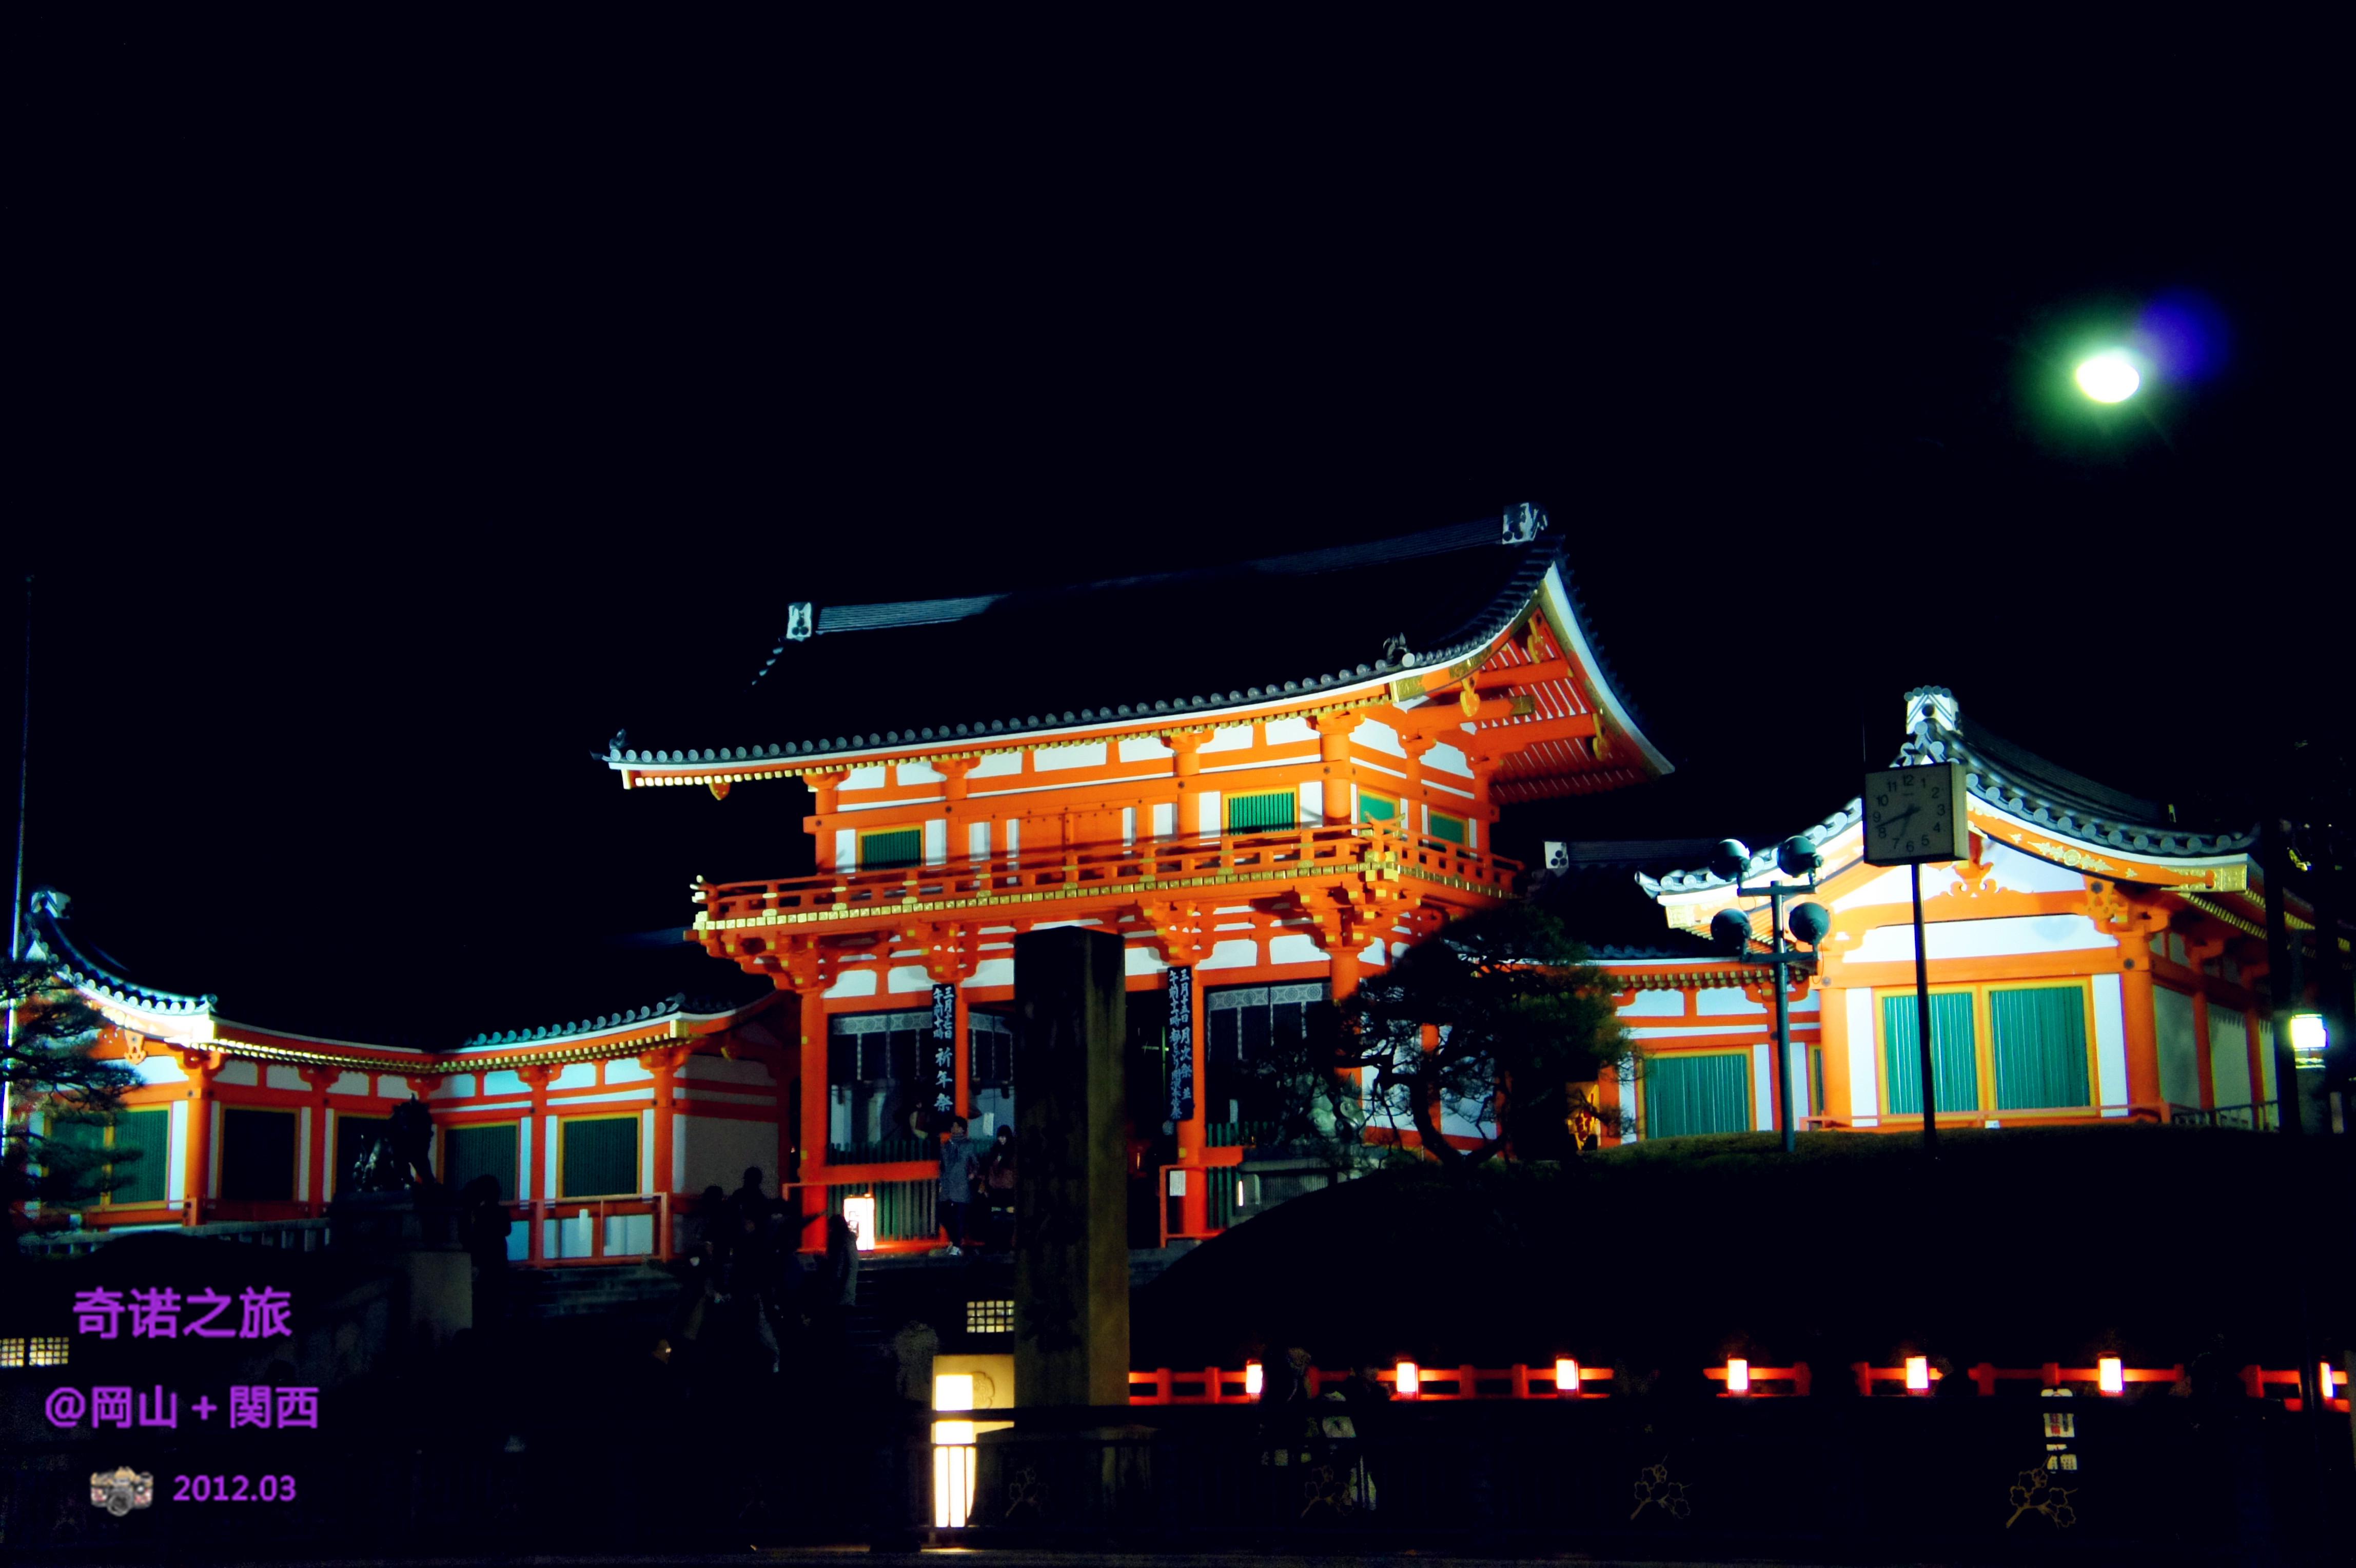 门外汉的京都之一(北野天满宫+八坂神社+円山公园+知恩院+高台寺+奈良